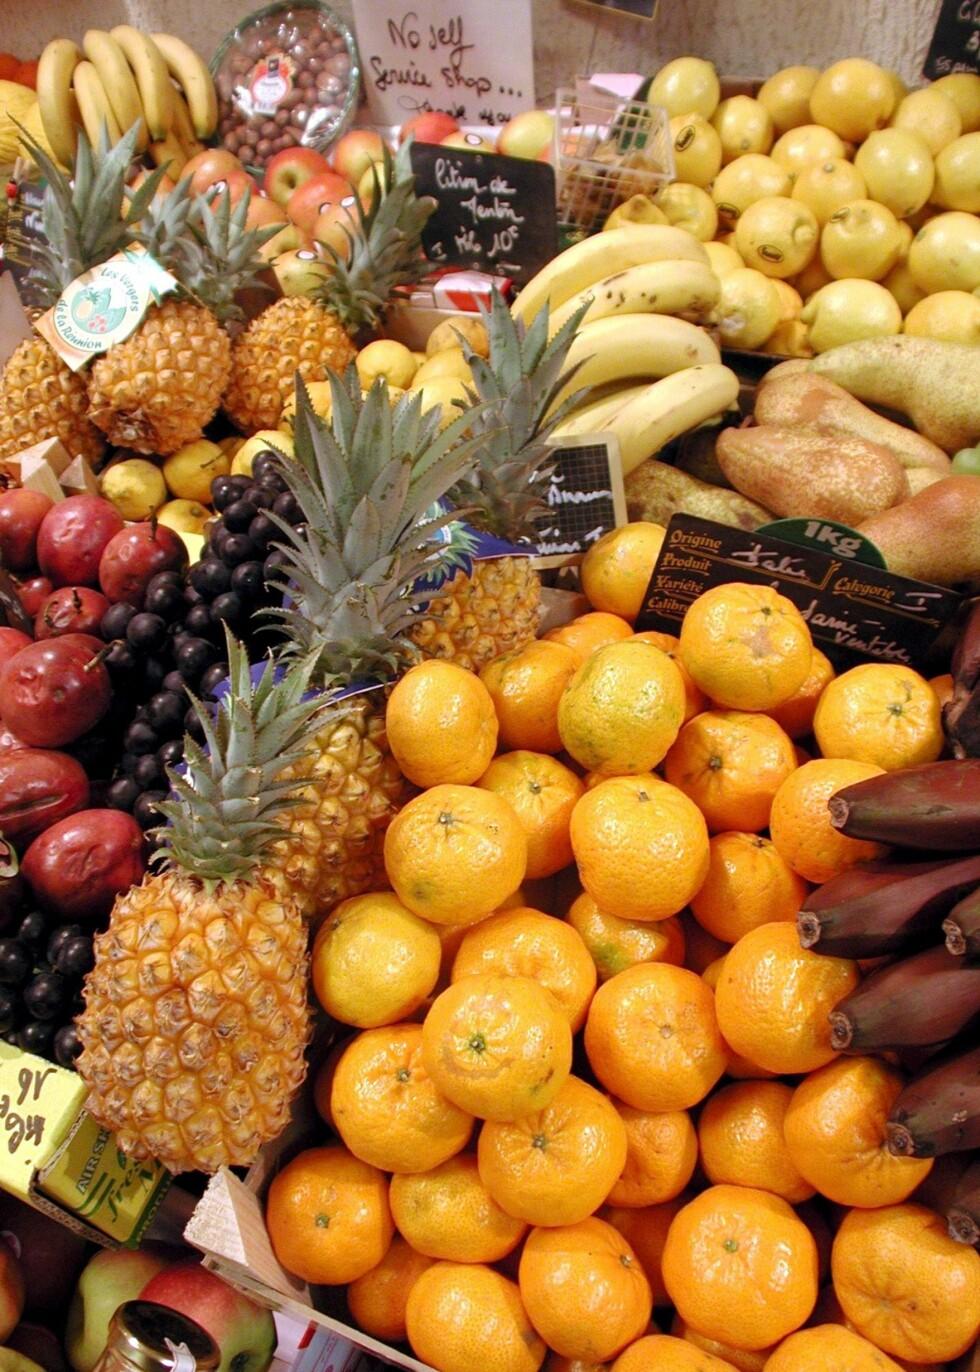 Ananas, bananer og sitrusfrukter skal holde cellulittene på avstand. Illustrasjonsfoto: Colourbox Foto: Illustrasjonsfoto: Colourbox